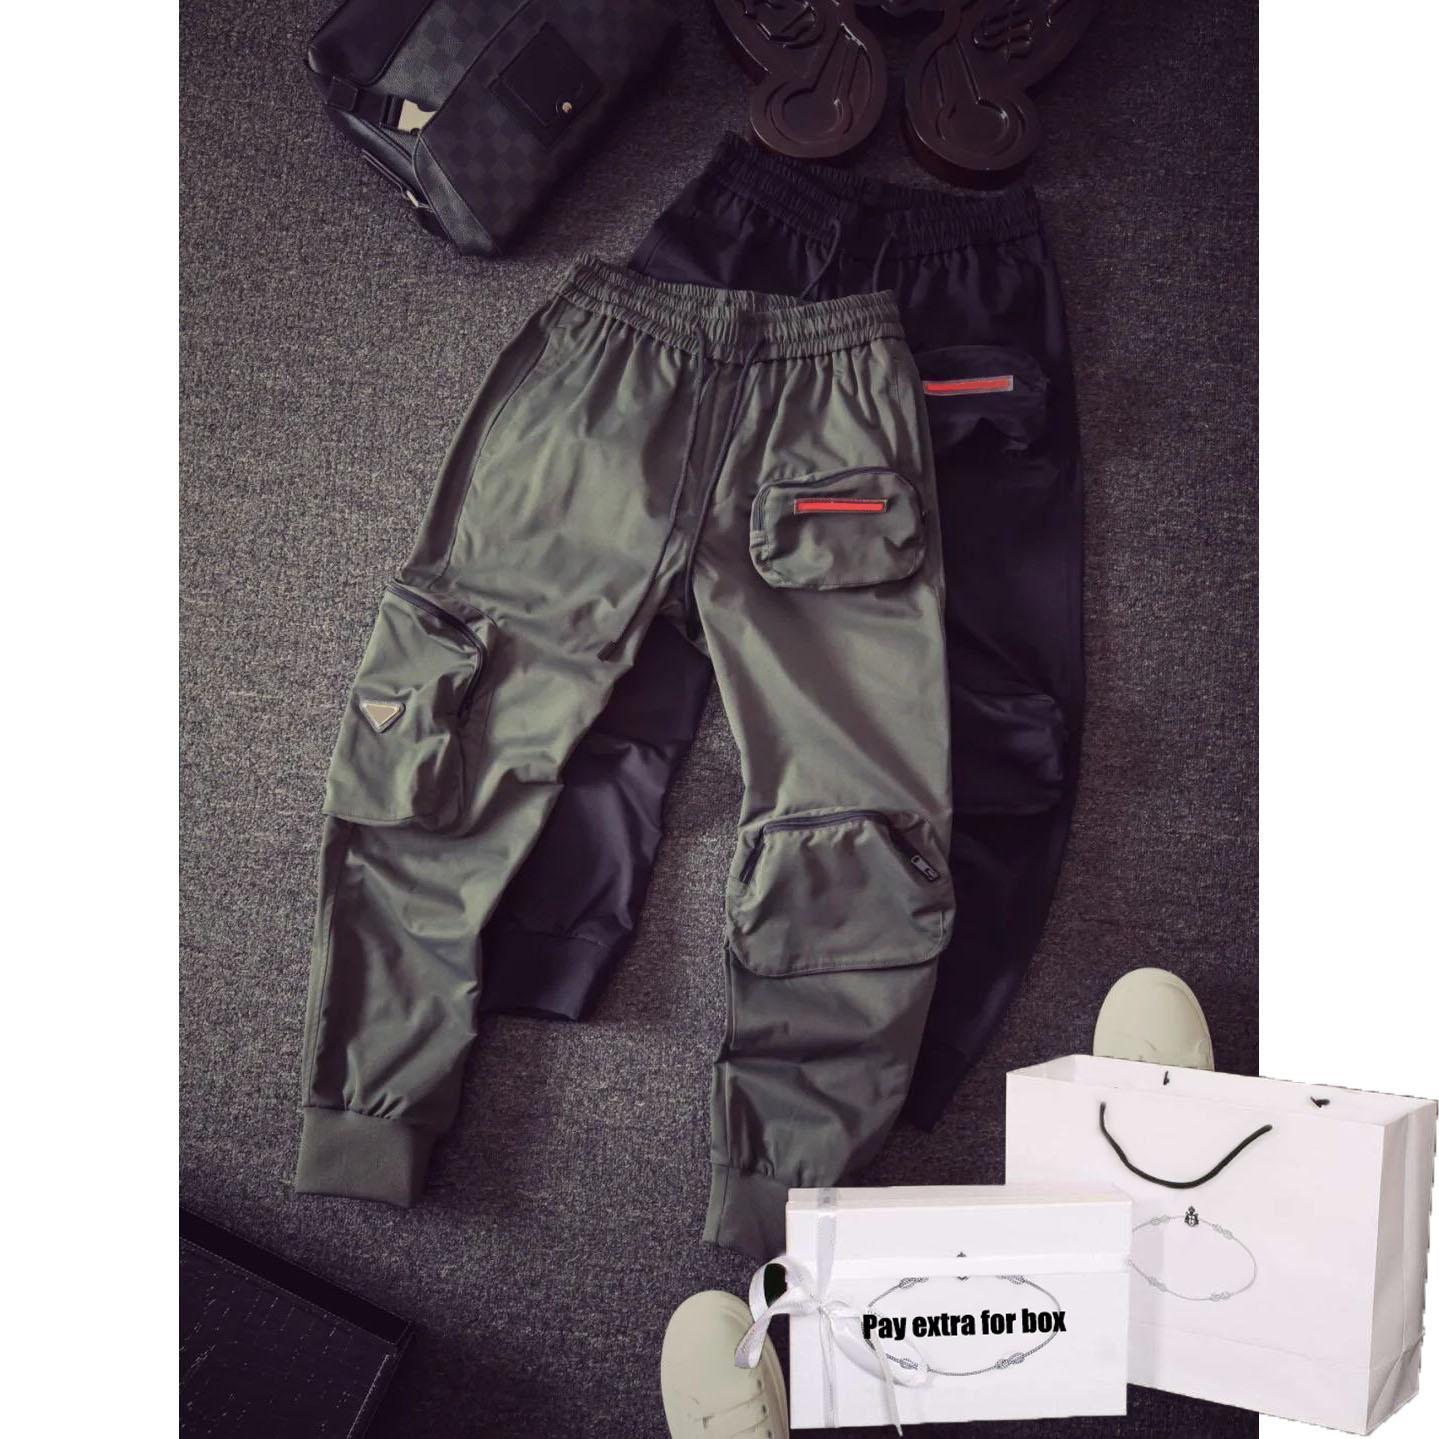 Hommes Jogger Mode 20FW Nouveaux garçons Hiphop Streetwear Salopette Automne Garçons Pantalons avec 3 poches lettres sur Casual New cordonnet Sweatpants